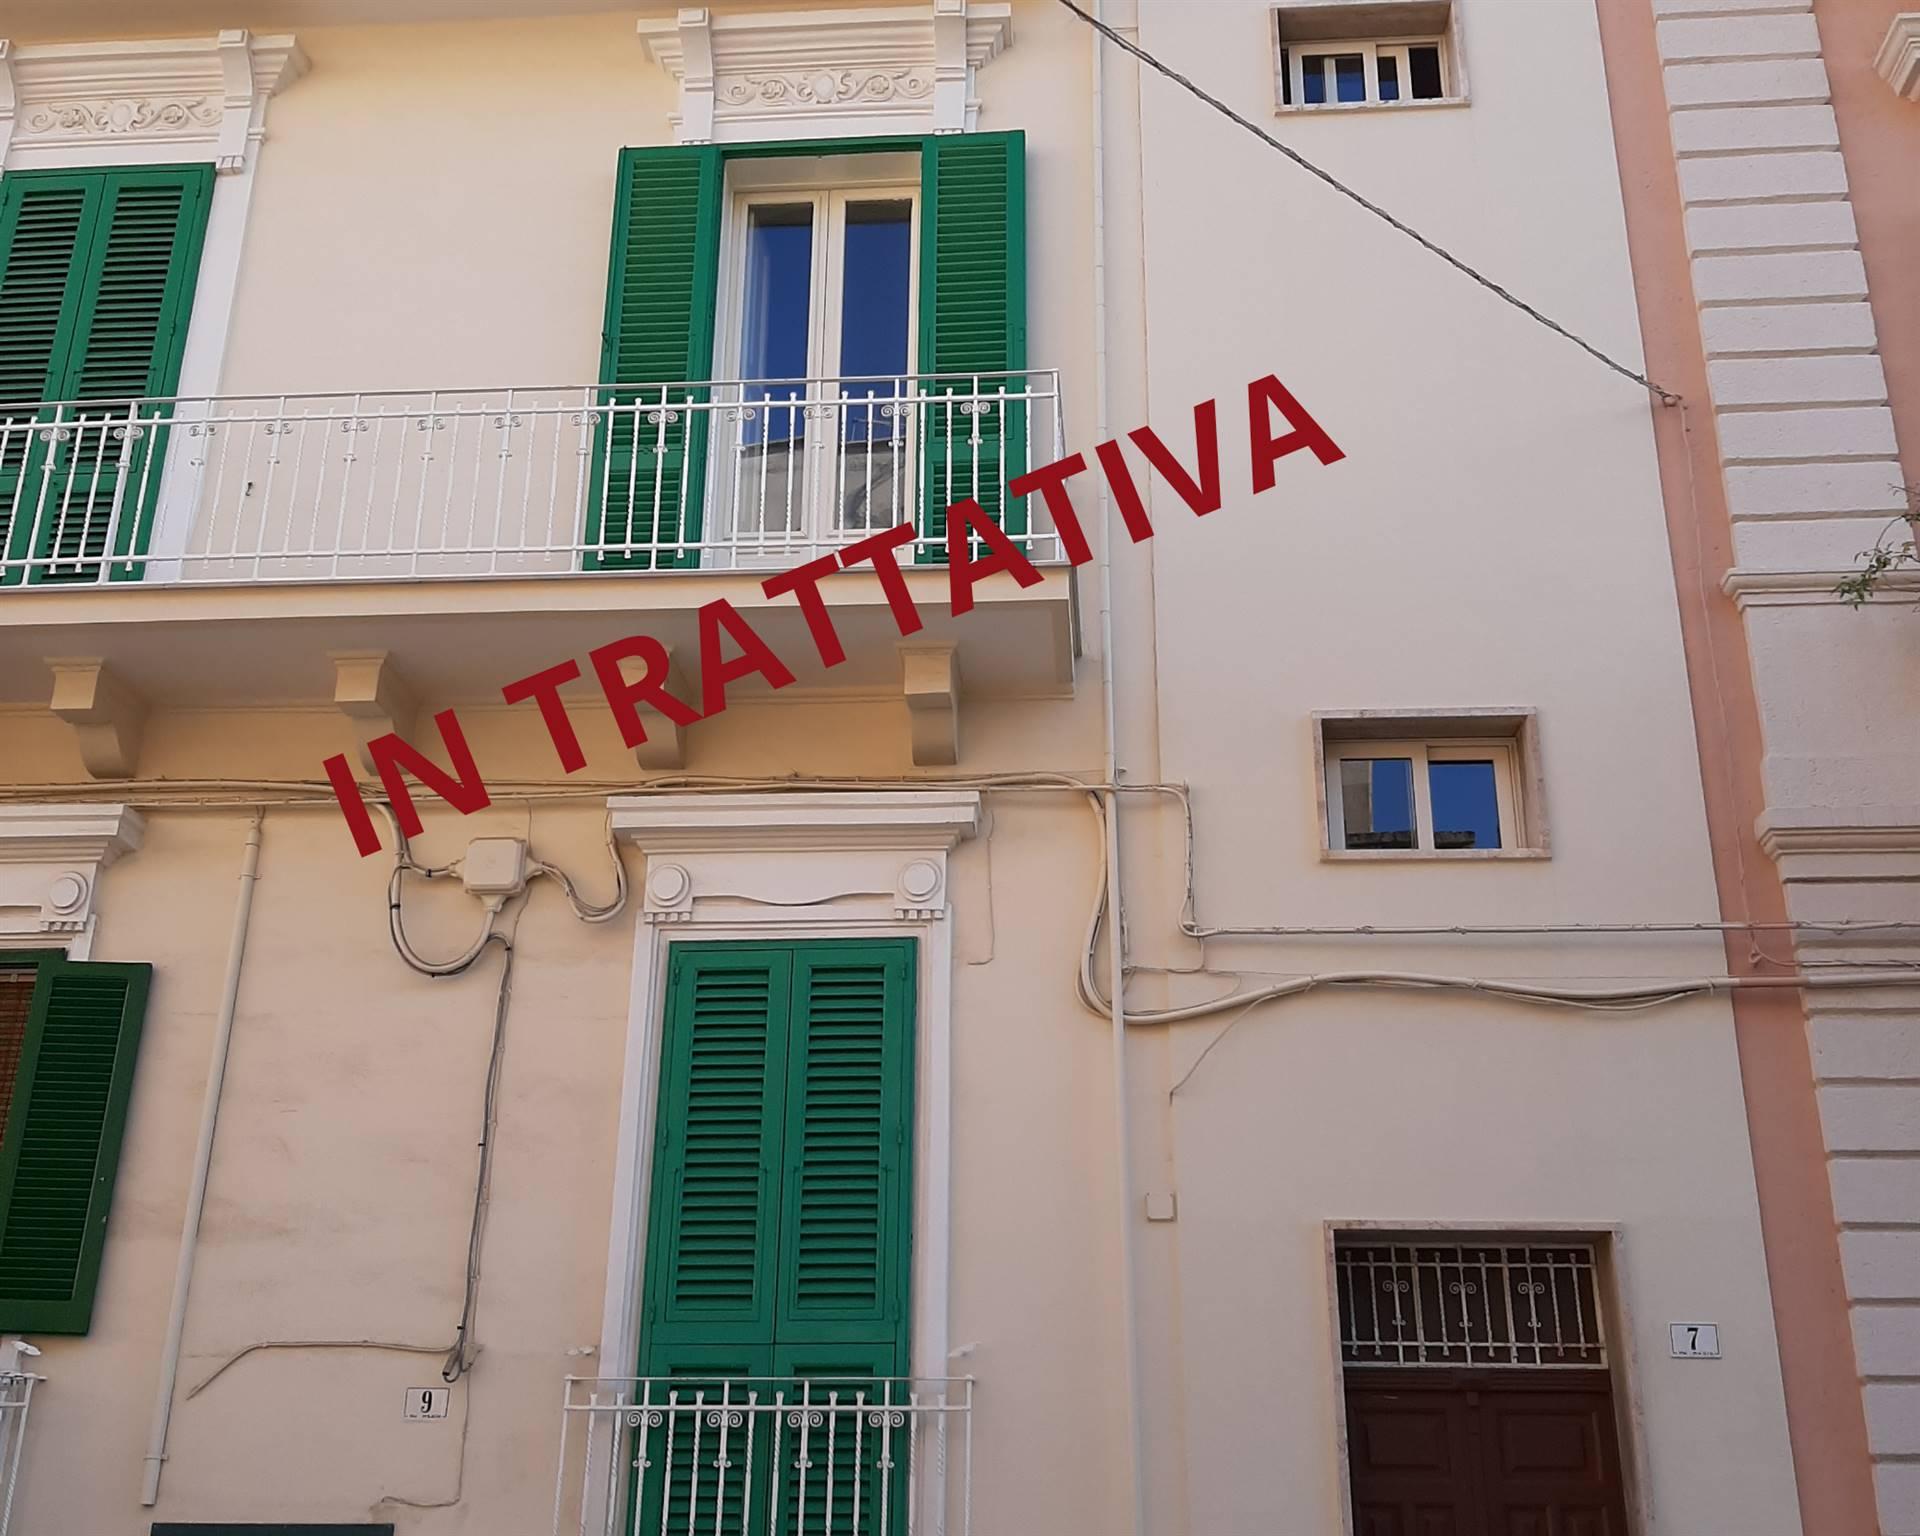 Appartamento in vendita a Monopoli, 5 locali, zona Località: CENTRO, prezzo € 160.000 | PortaleAgenzieImmobiliari.it